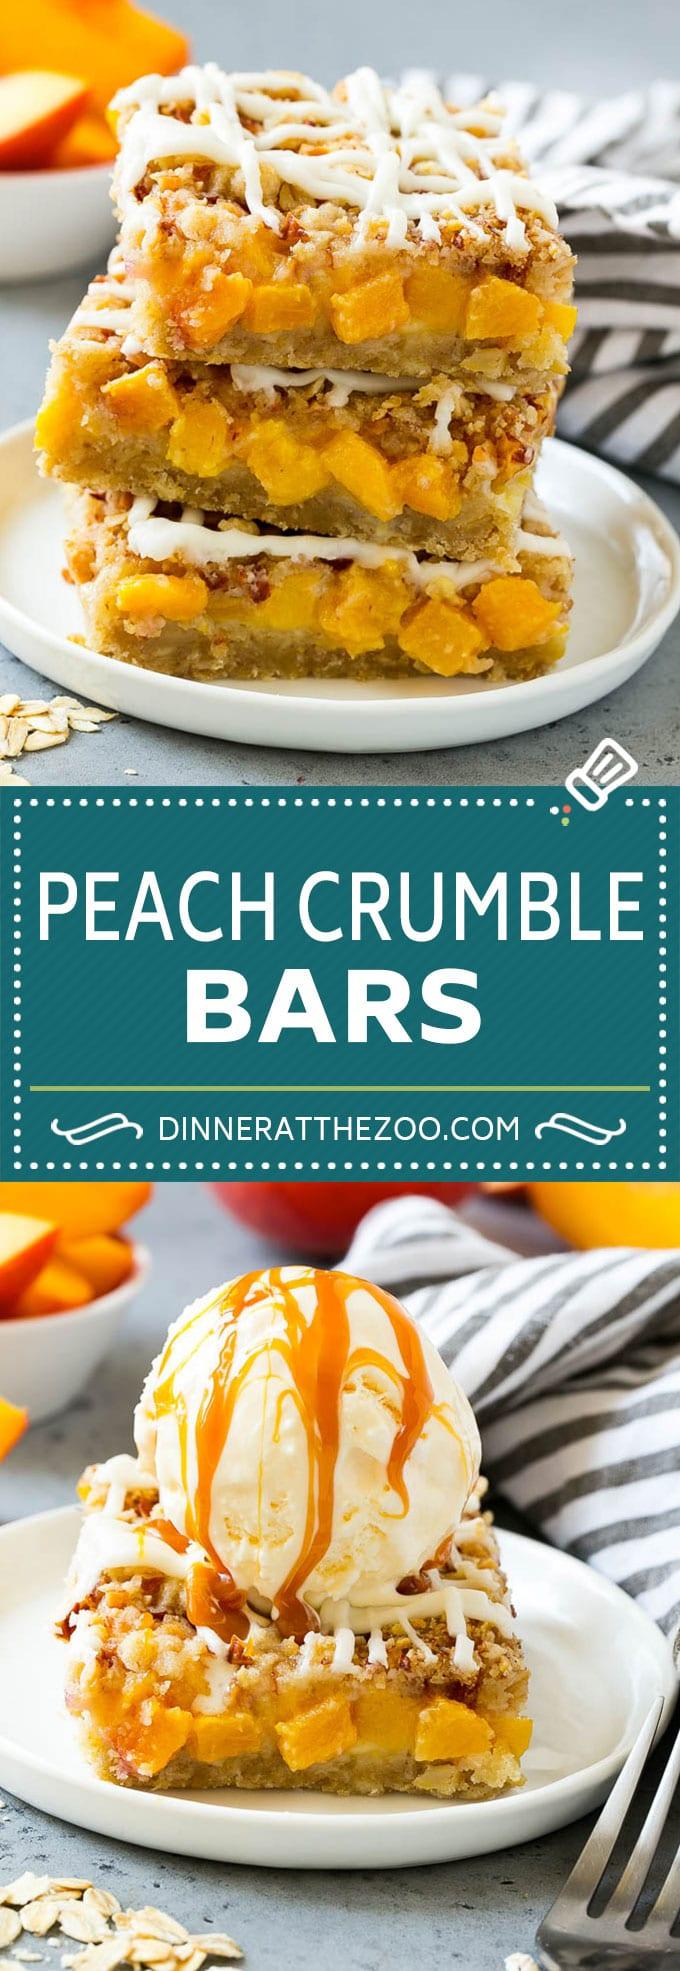 Peach Crumble Bars | Peach Bars | Peach Dessert #peaches #dessert #sweets #baking #dinneratthezoo